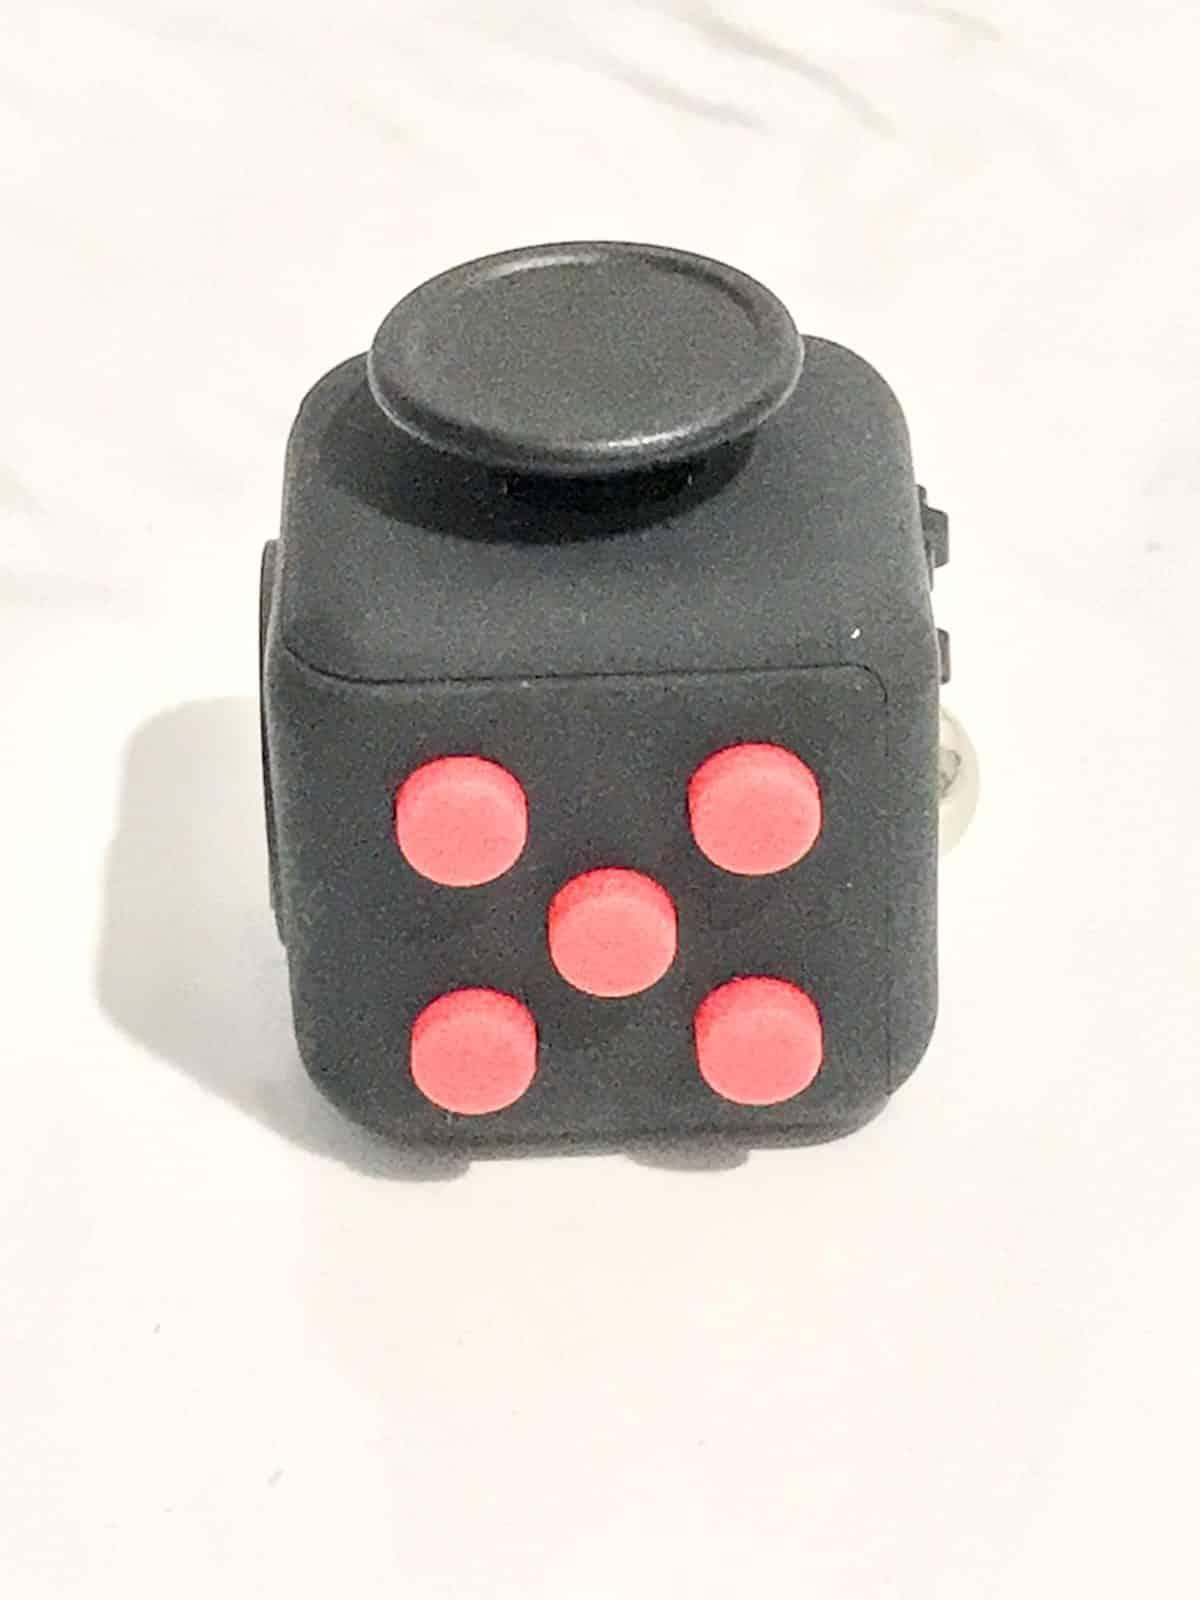 boutons poussoirs fidget cube